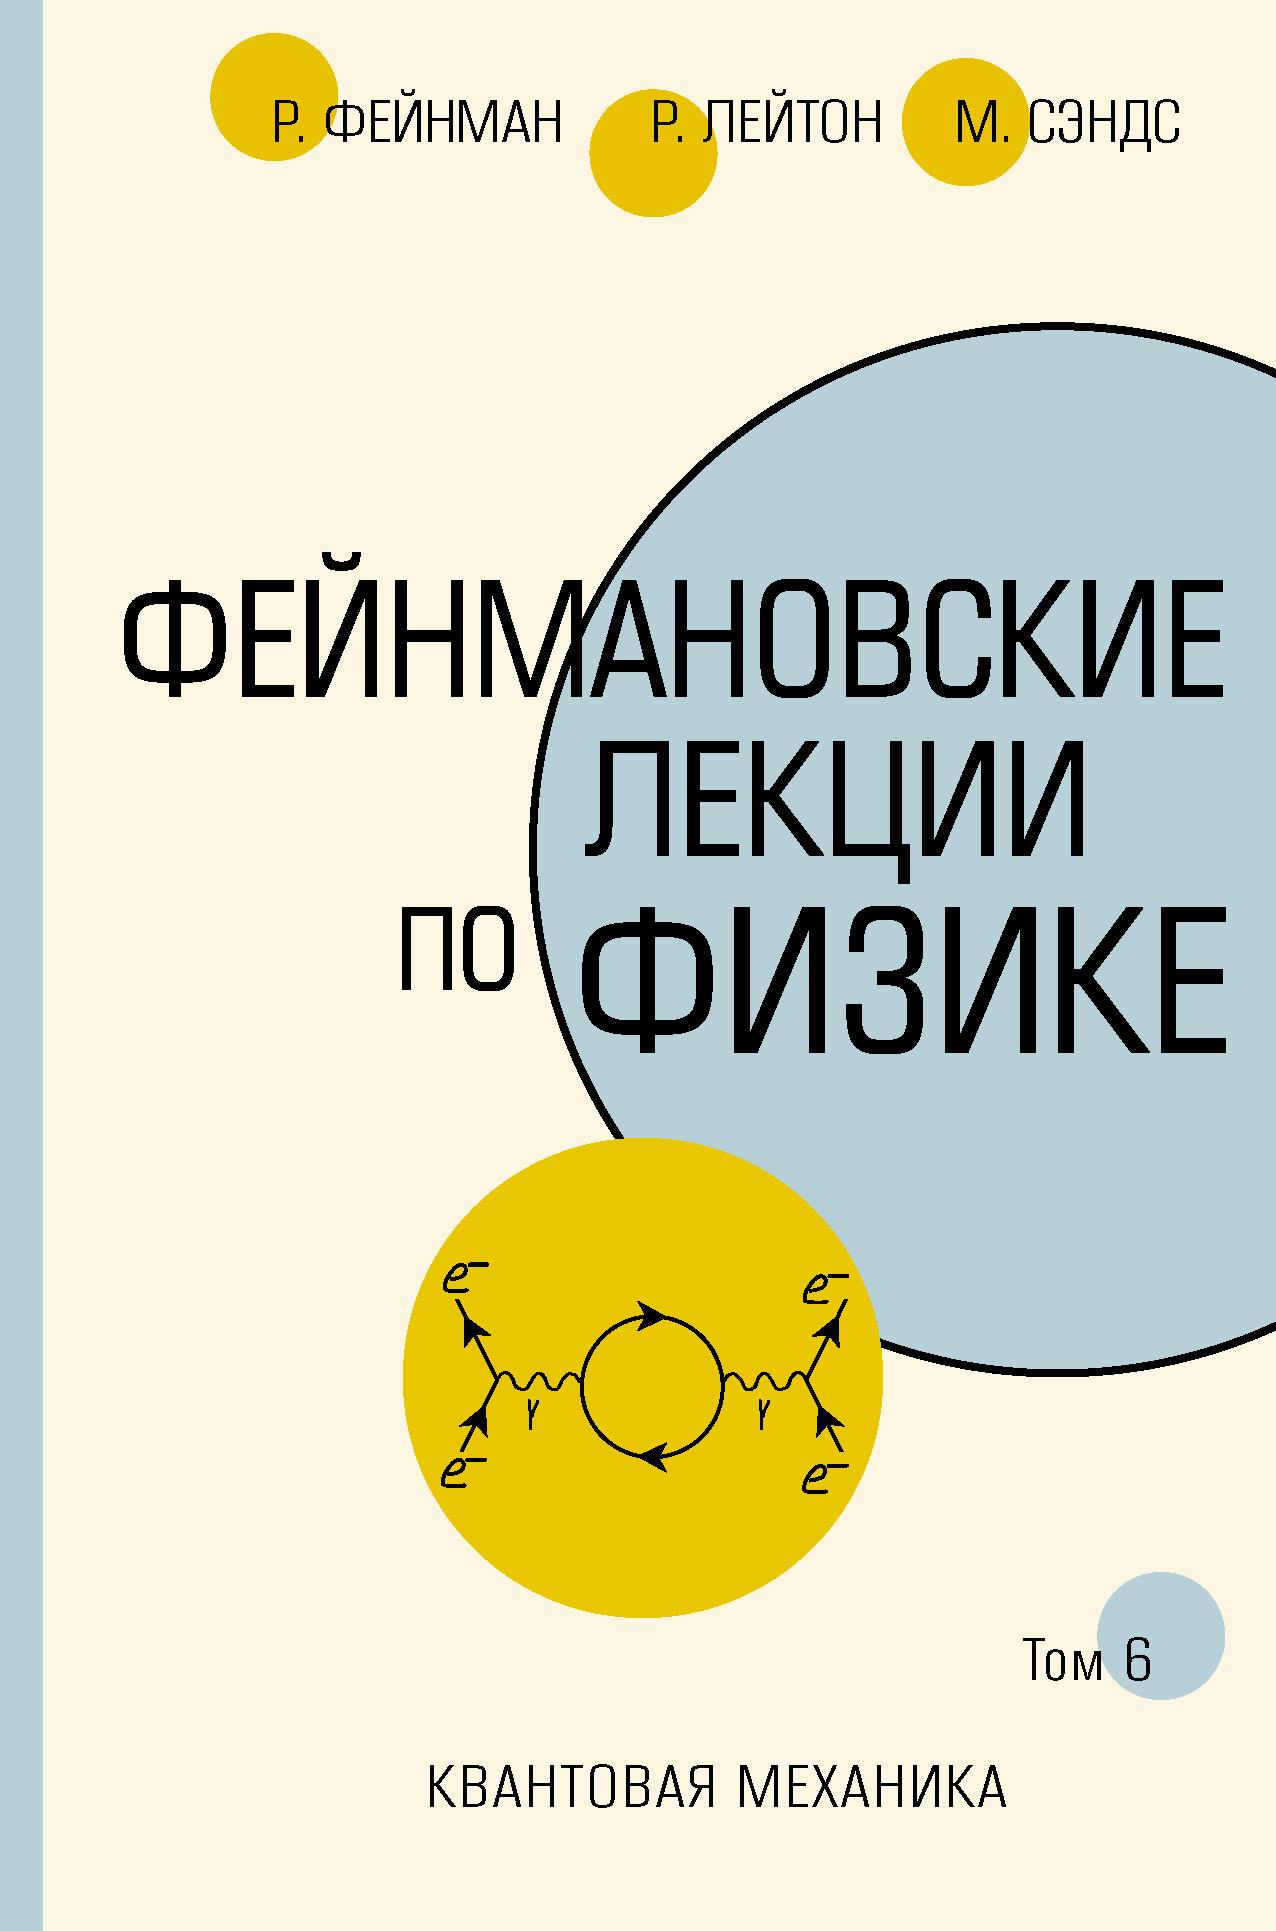 Фейнмановские лекции по физике.Т. VI (8 - 9)